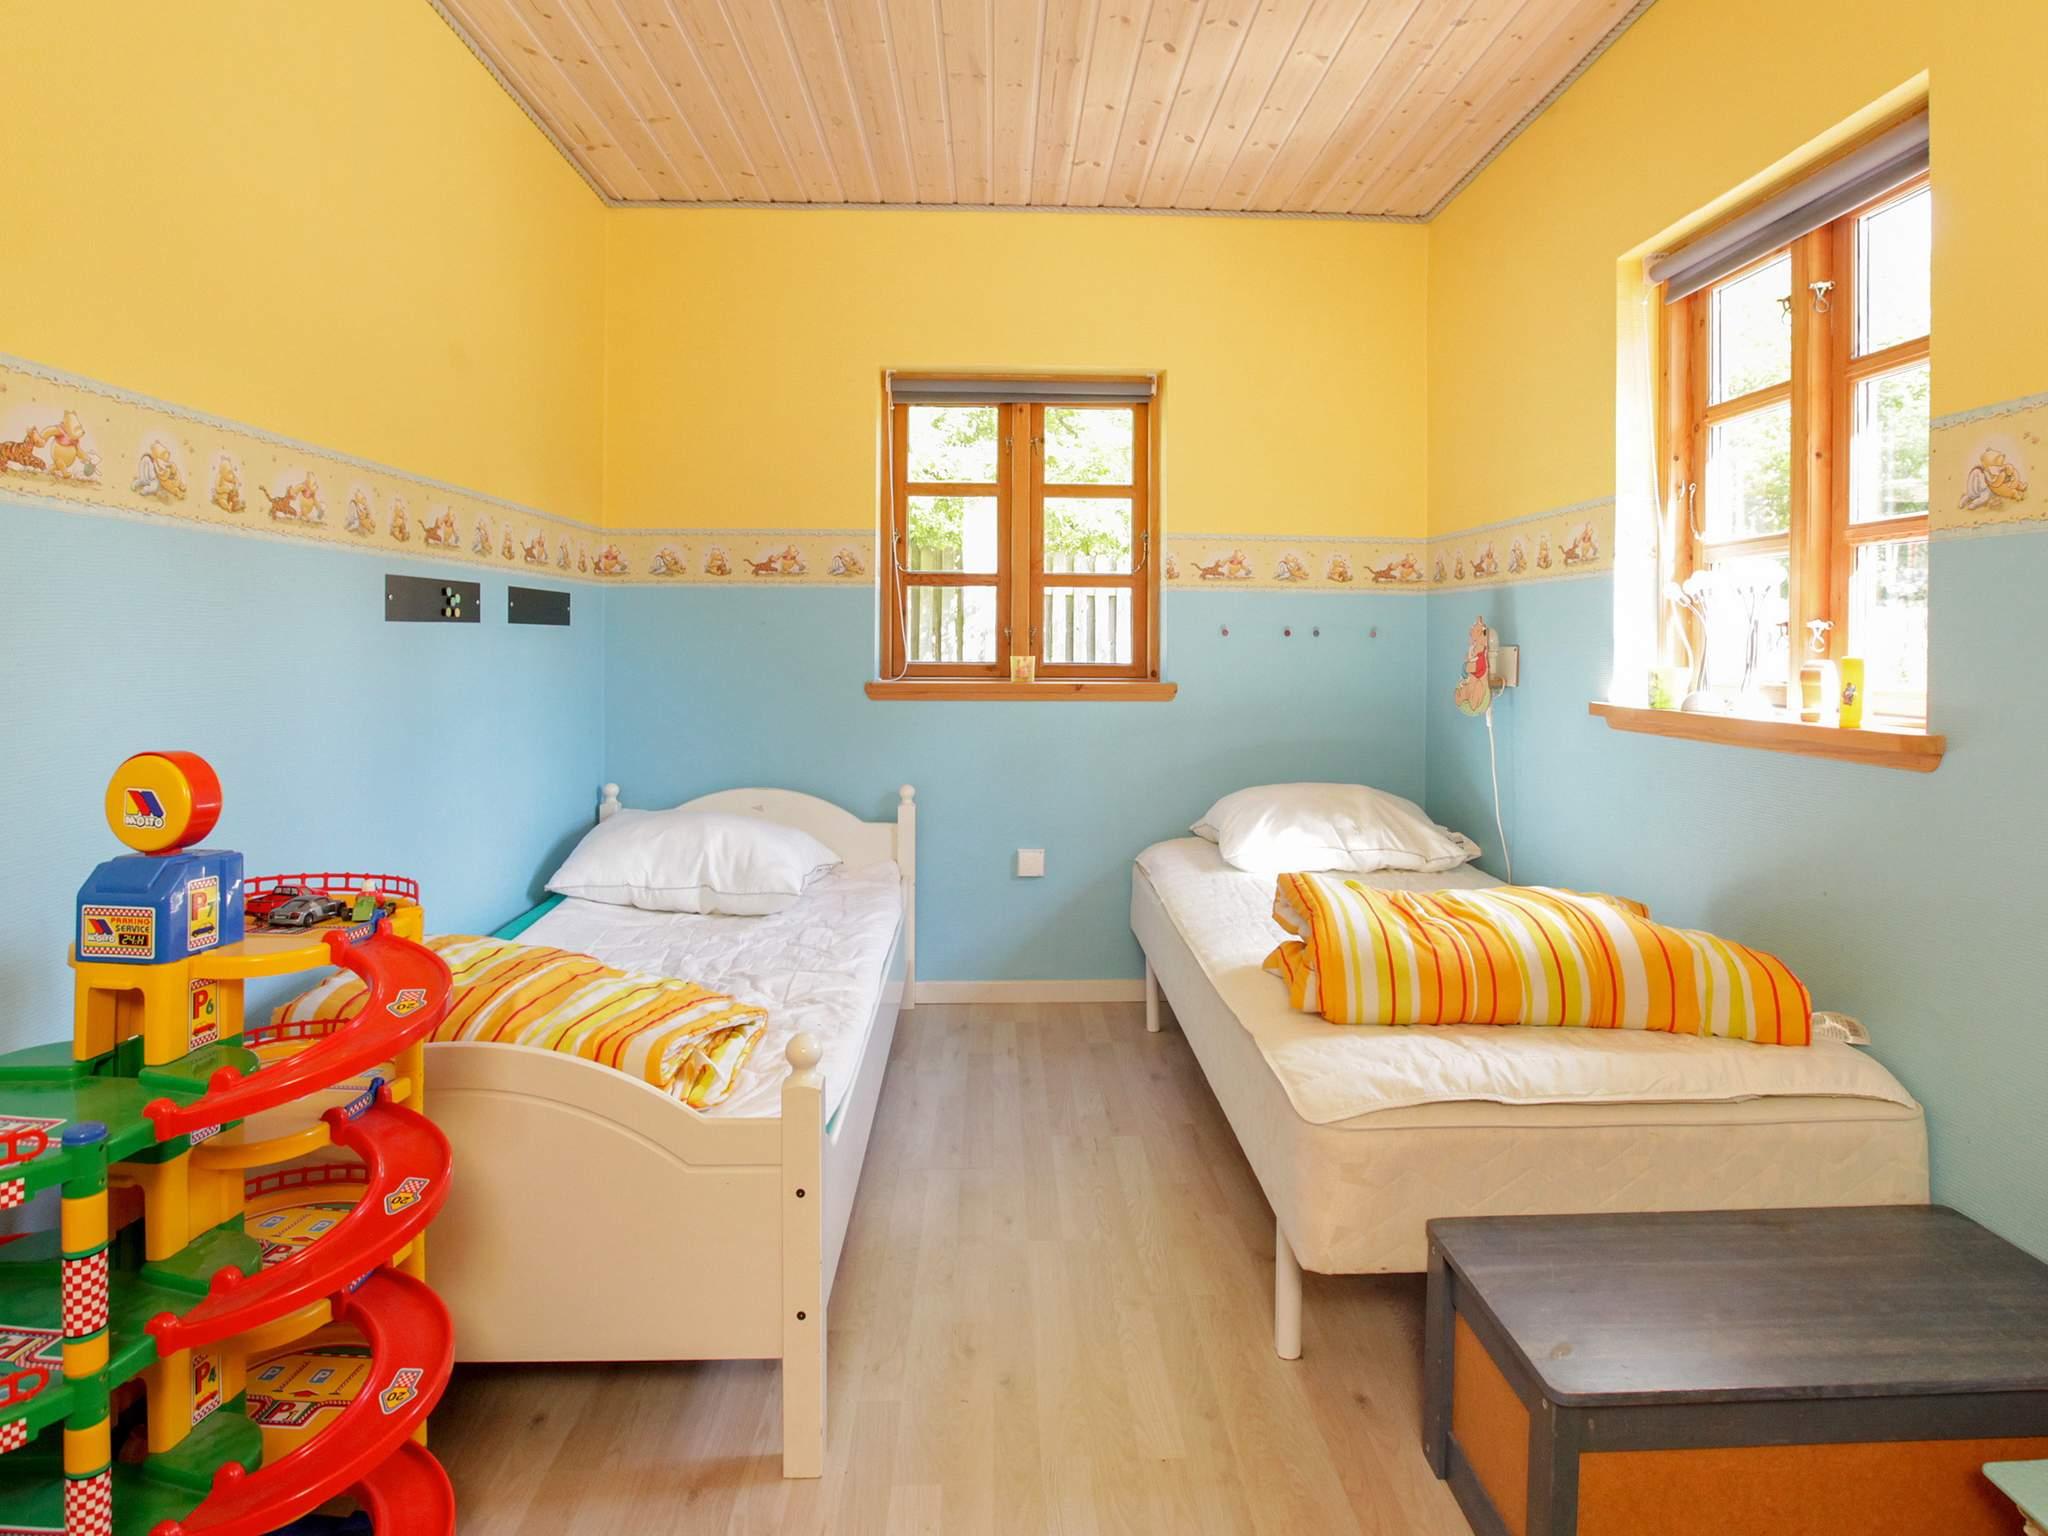 Ferienhaus Kulhuse (2413706), Kulhuse, , Nordseeland, Dänemark, Bild 11